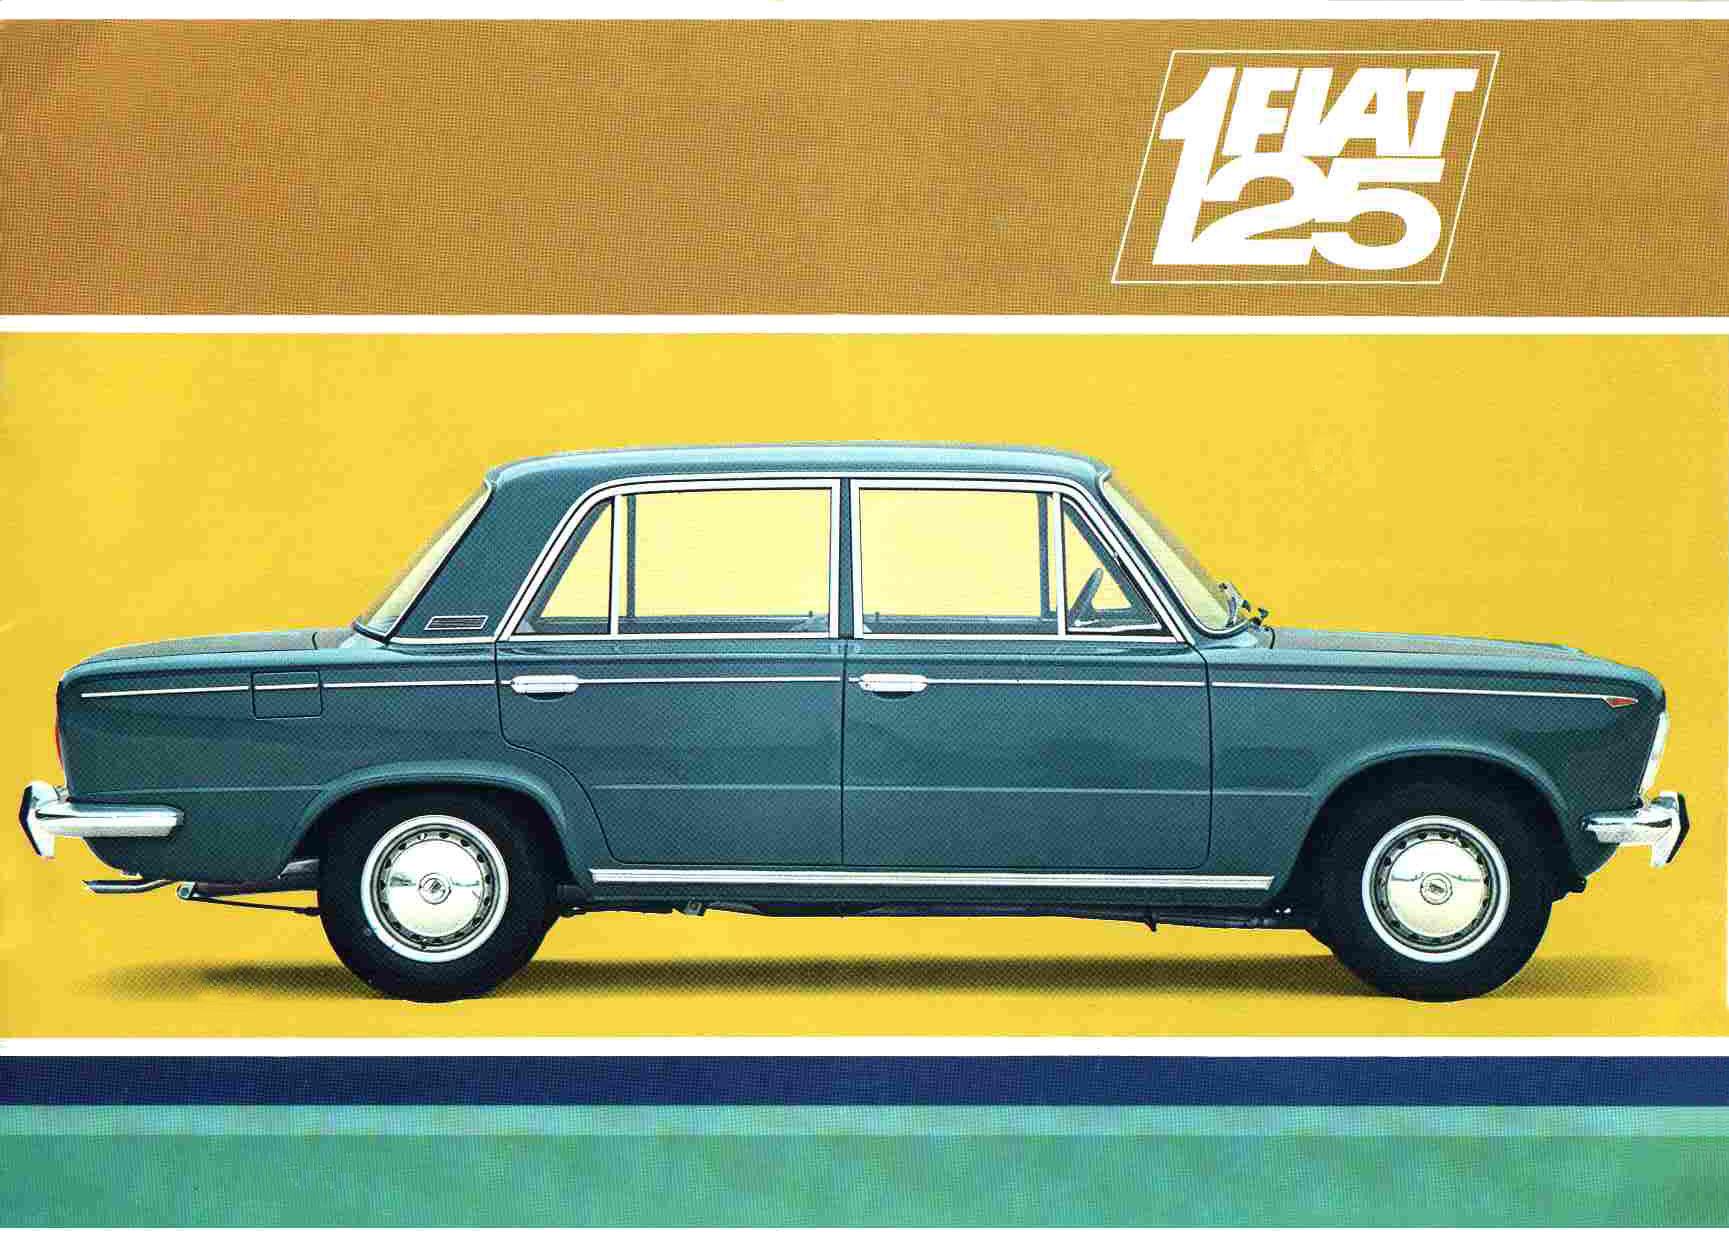 Fiat 125, revue technique,manuel de réparation, livre et documentation,